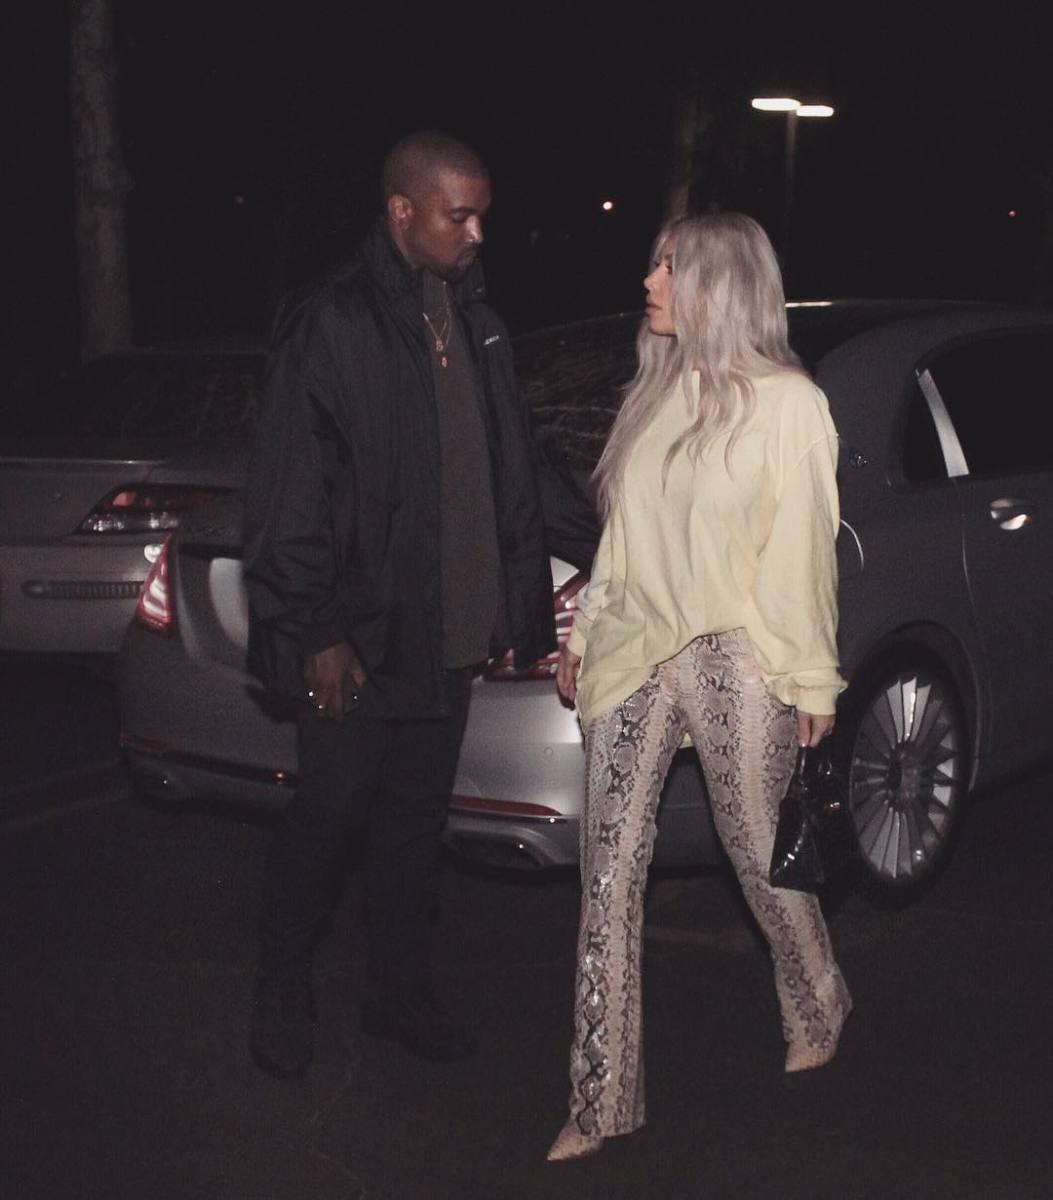 Date night lewks. Photo: @kimkardashian/Instagram